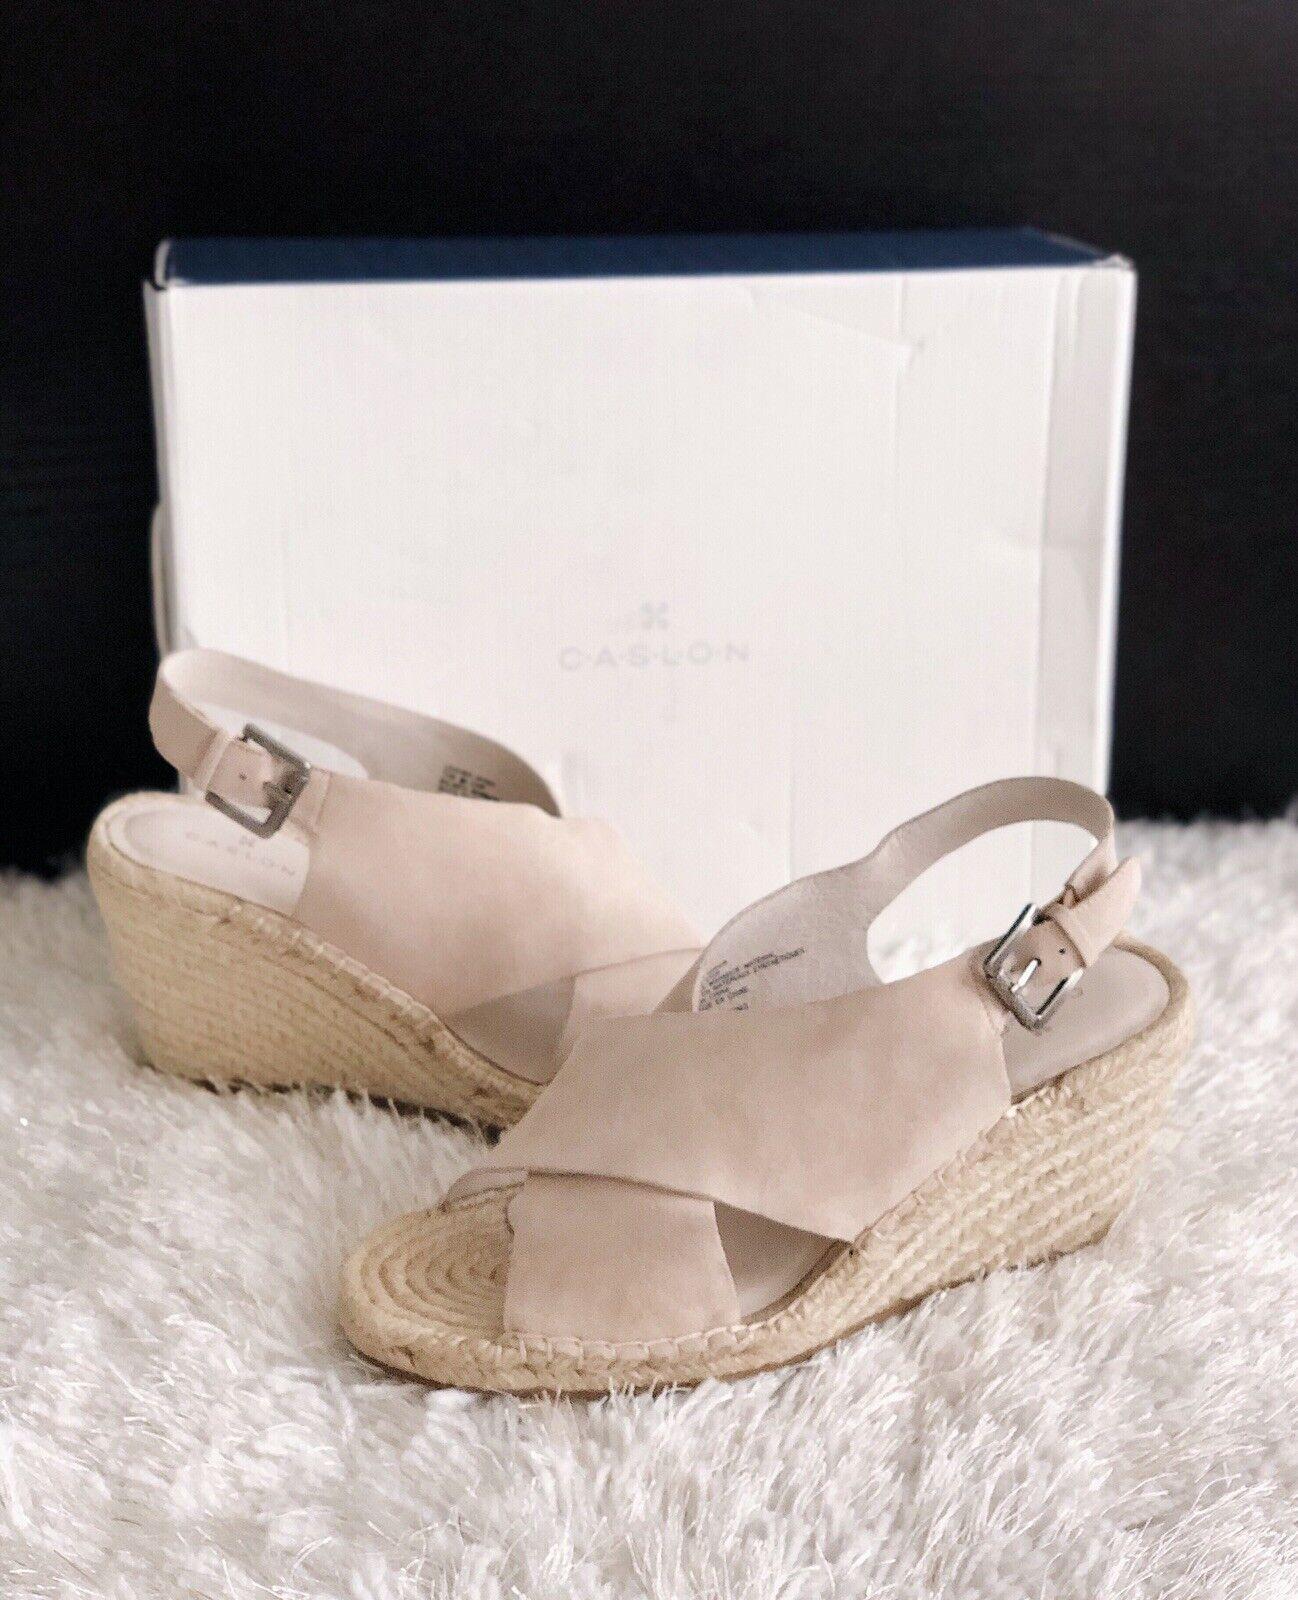 69bd3af94d2 ✨New CASLON Suri Espadrille Wedge Suede Sandals Blush Womens Size 9.5M $90  NIB